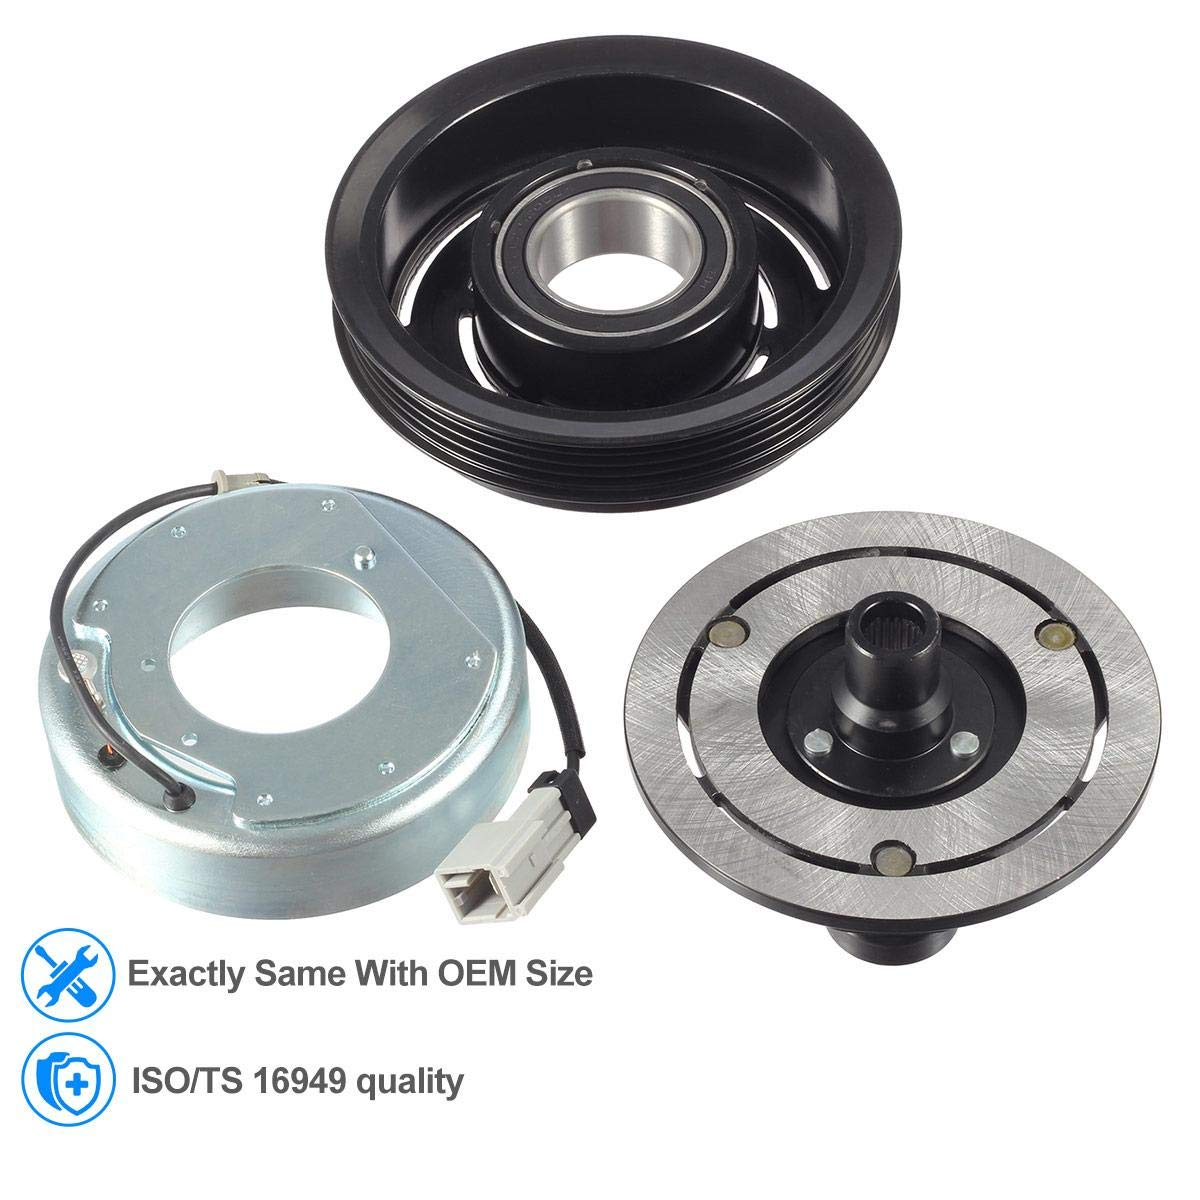 Ca a/c compresor Kit de montaje de embrague para Saab 9 - 2 x Subaru Impreza WRX: Amazon.es: Coche y moto